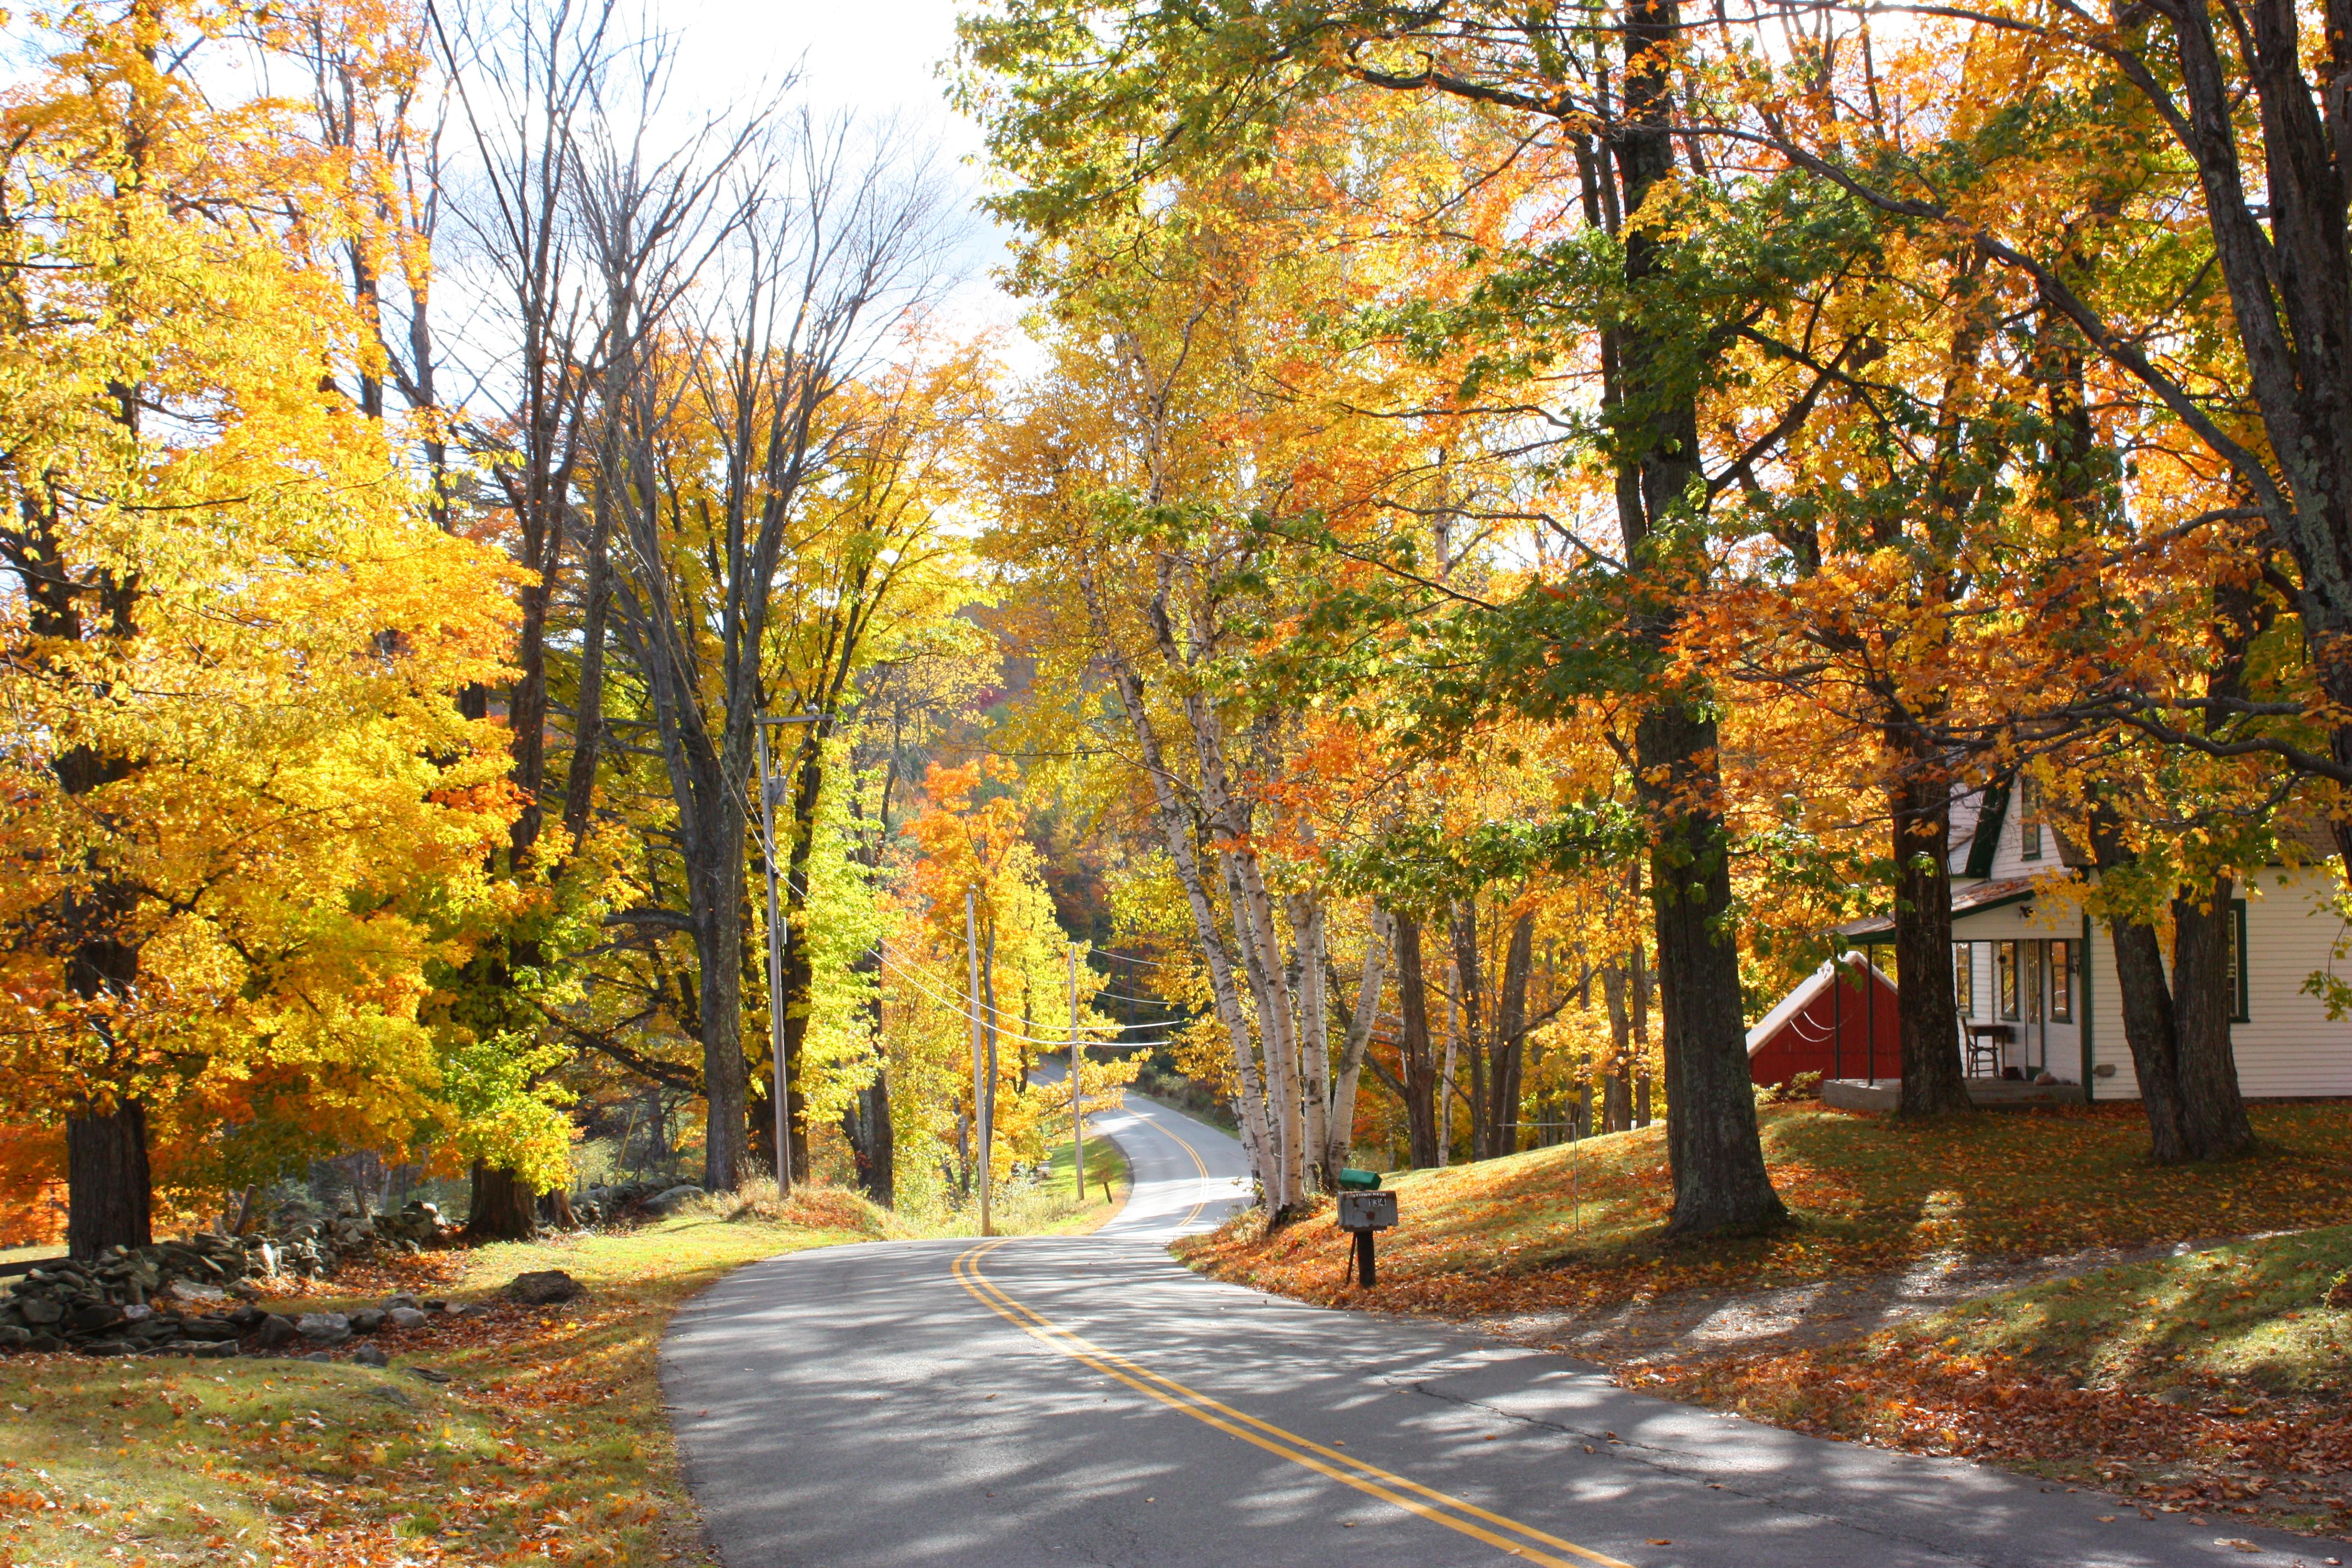 Neuengland Reisebericht - Von New York bis nach Maine